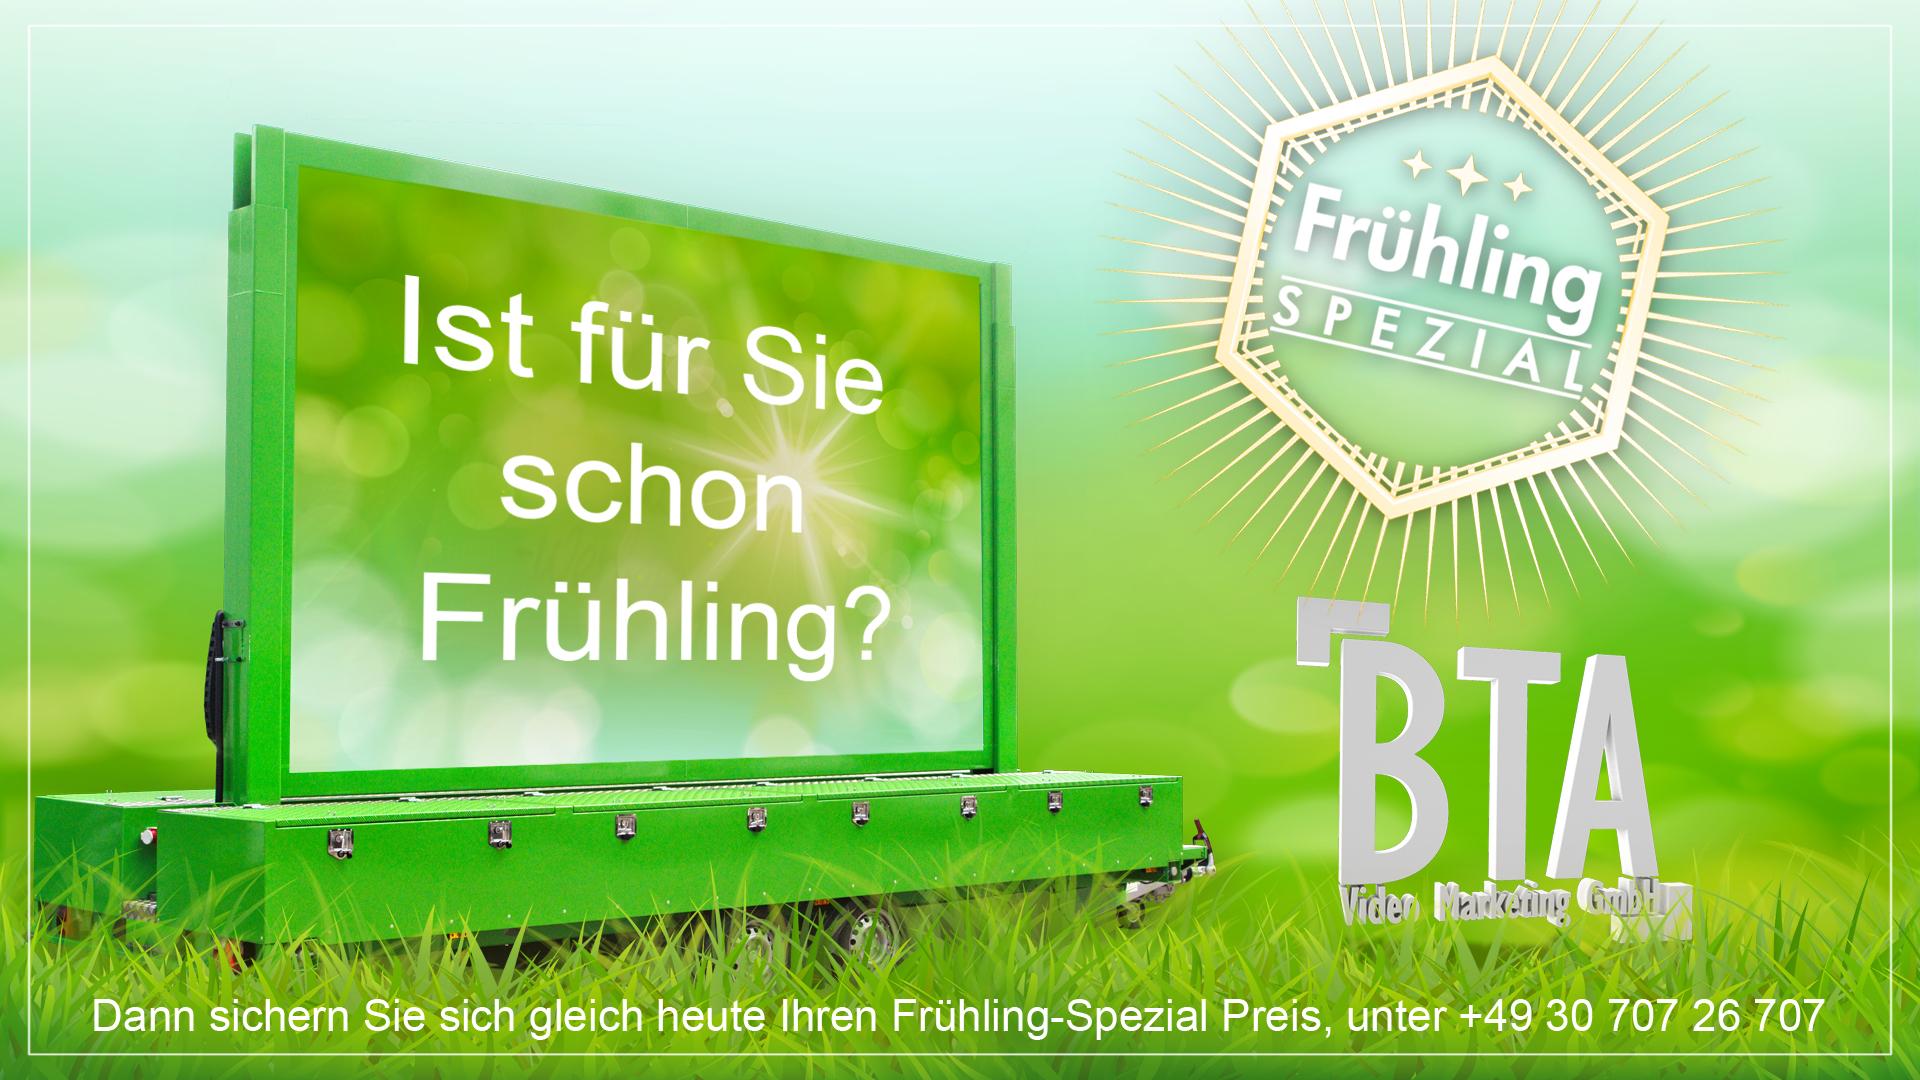 Frühling Spezial BTA